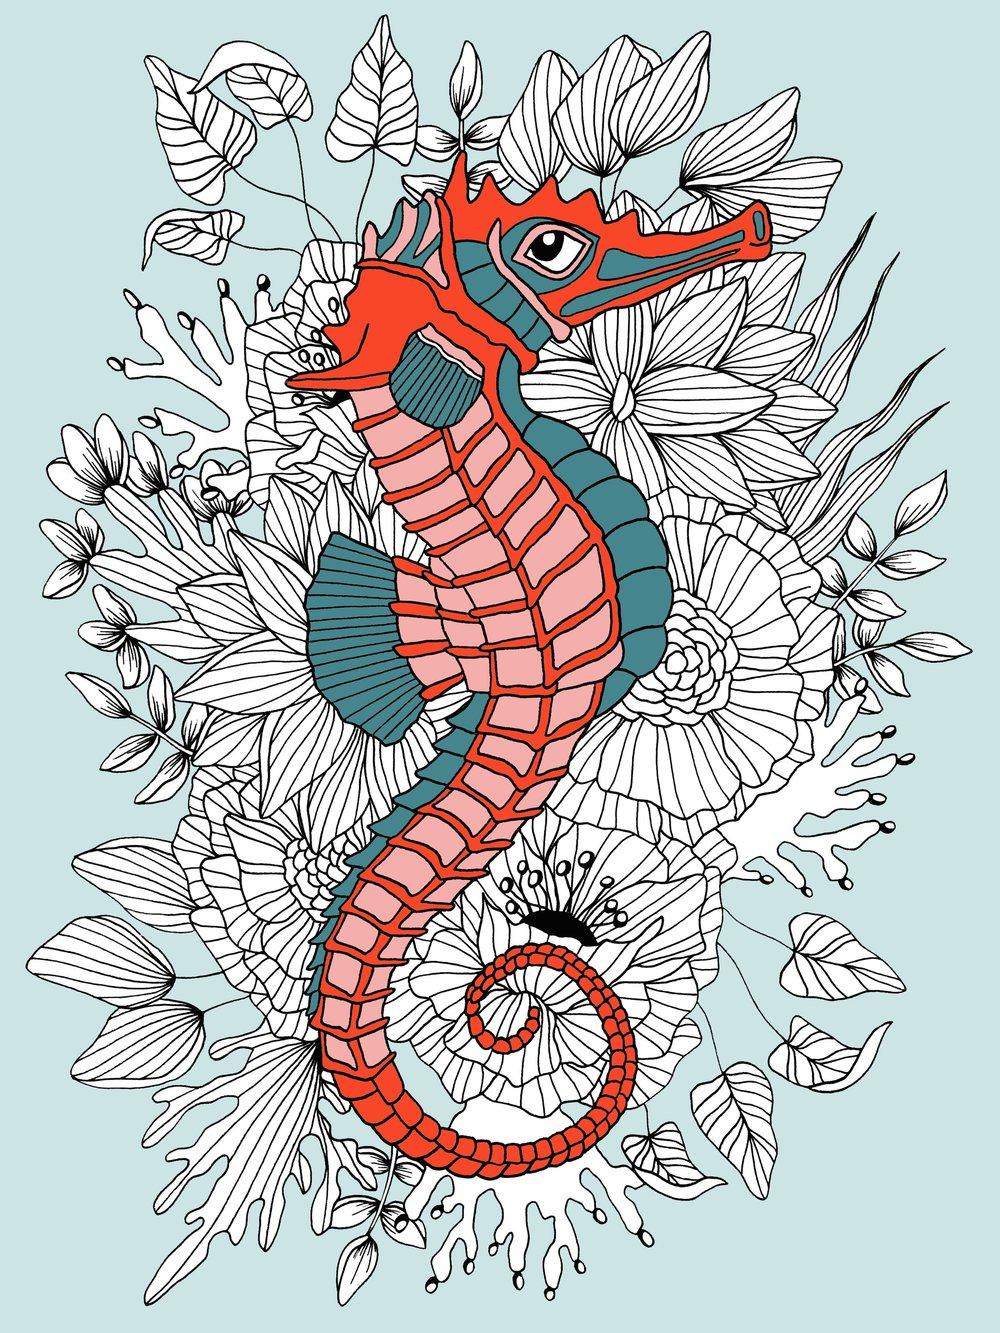 Seahorse_color.jpg